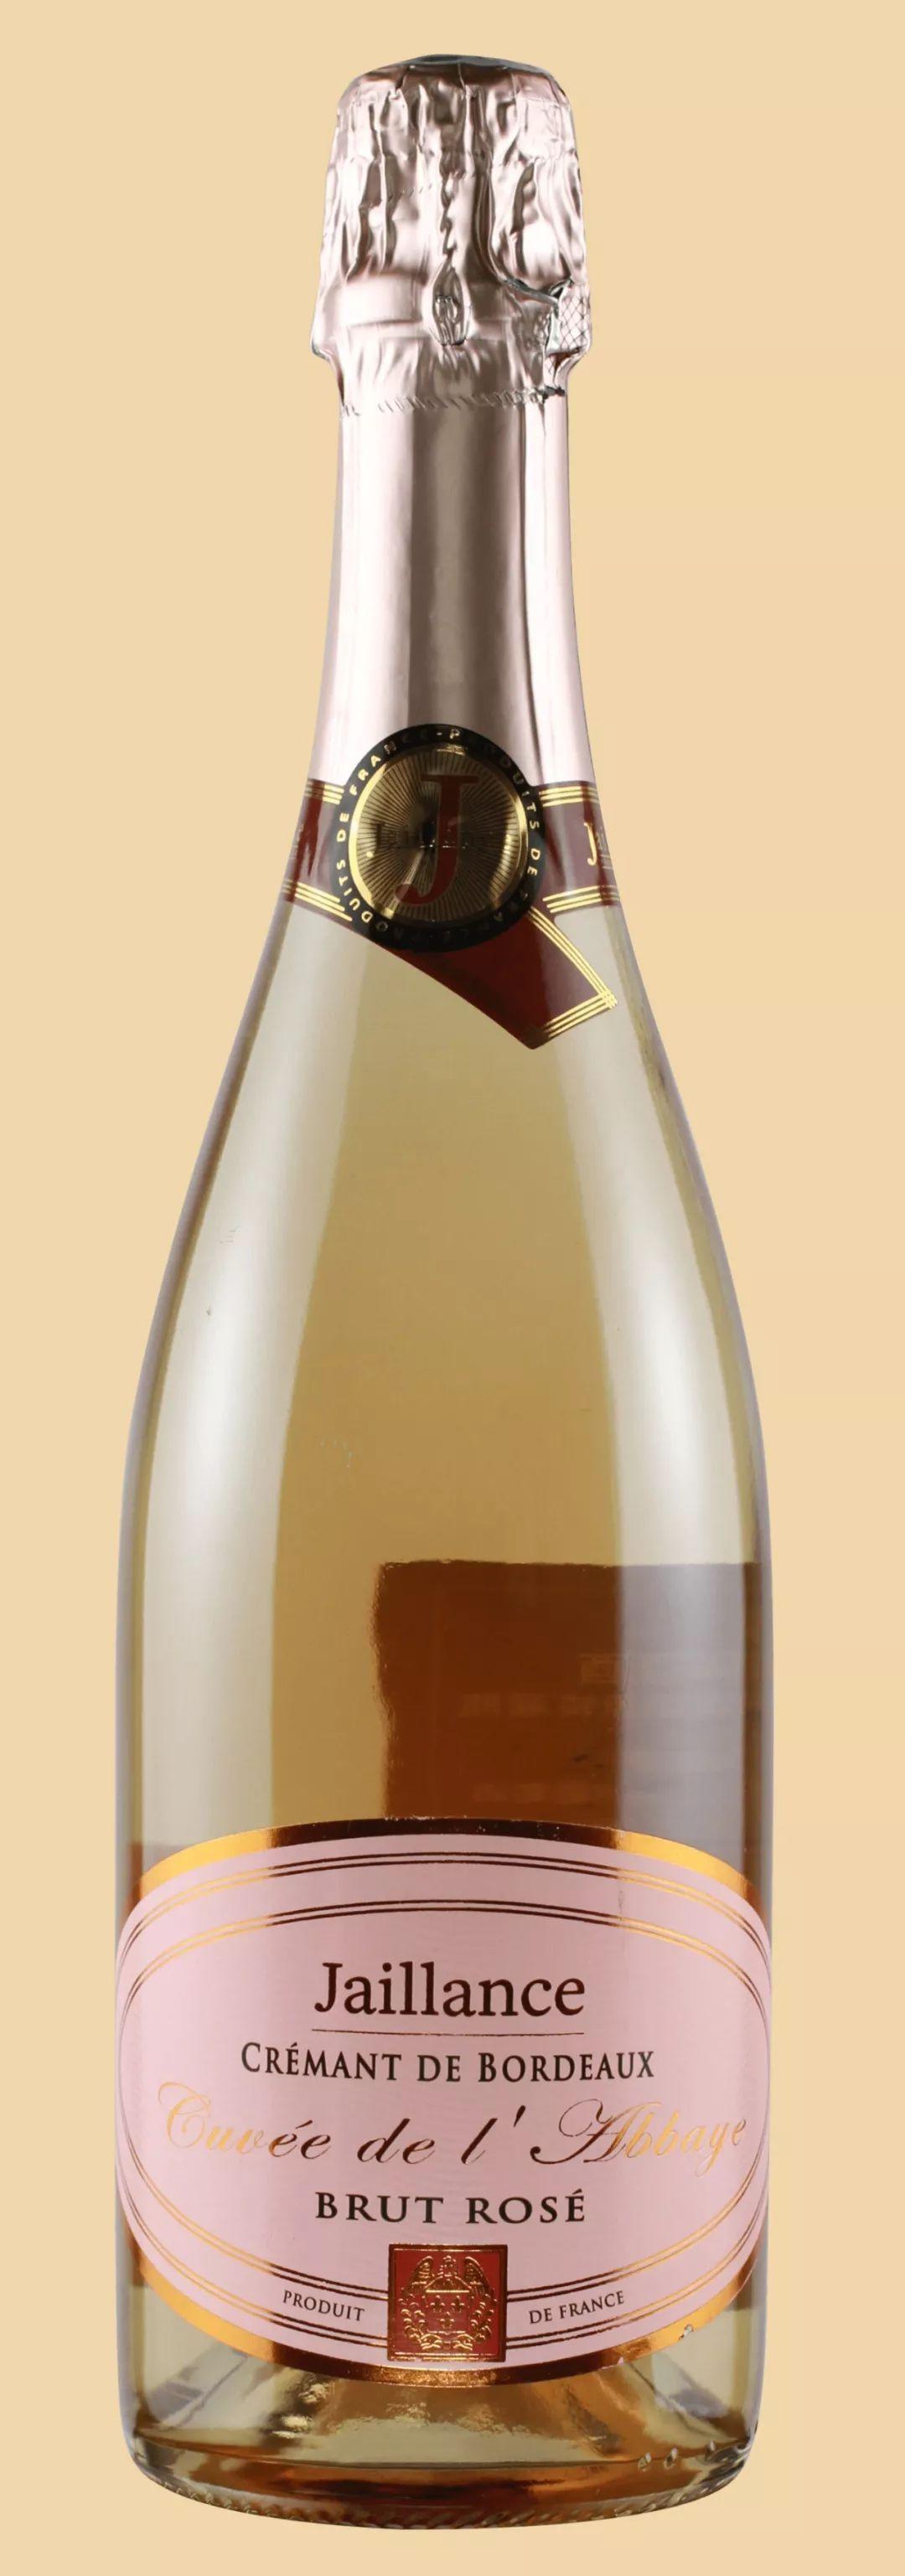 波尔多葡萄酒借助三八妇女节巧打营销牌